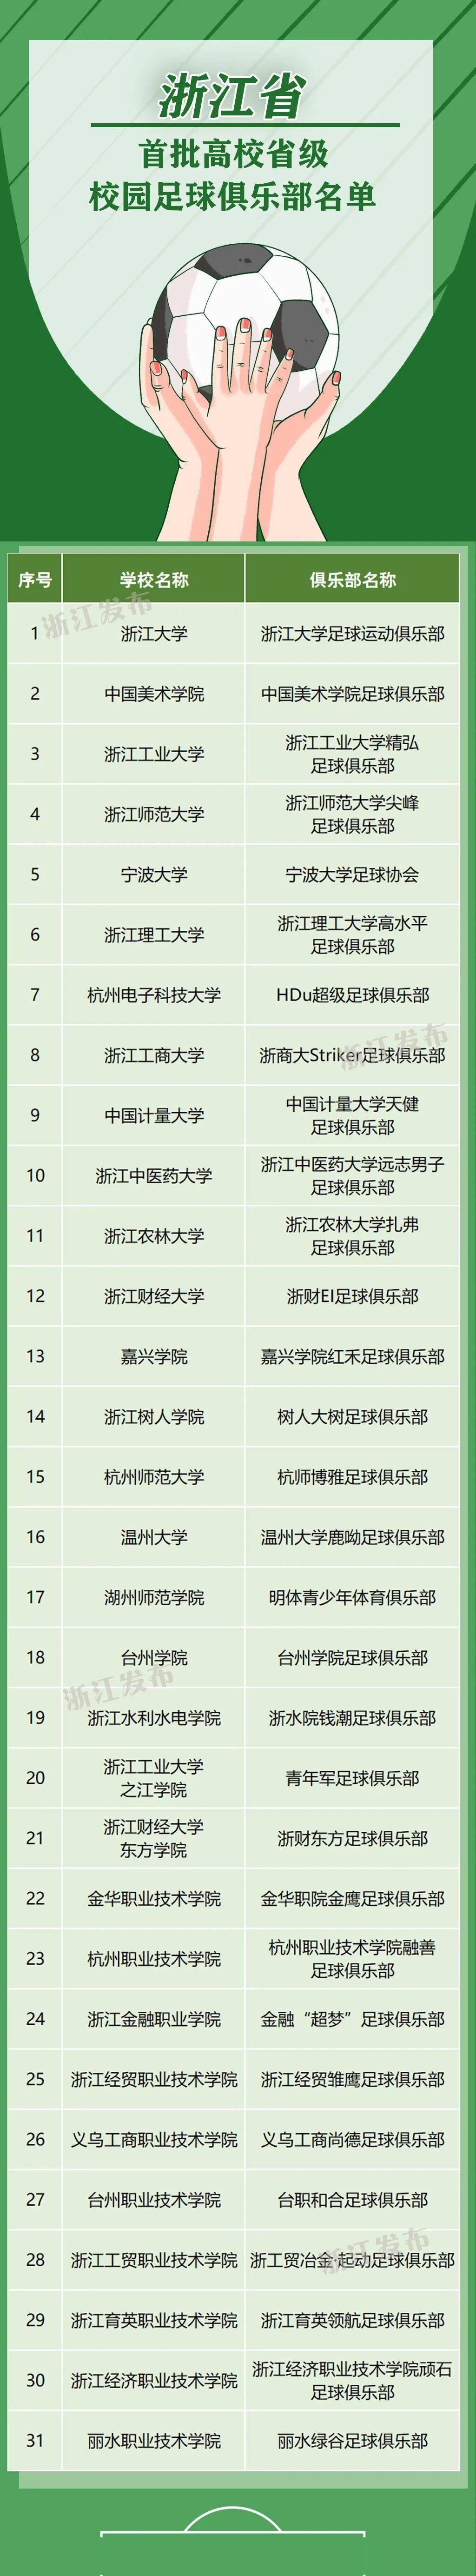 【浙江榜单】2020年浙江省第一批高校校园足球俱乐部名单(31个)